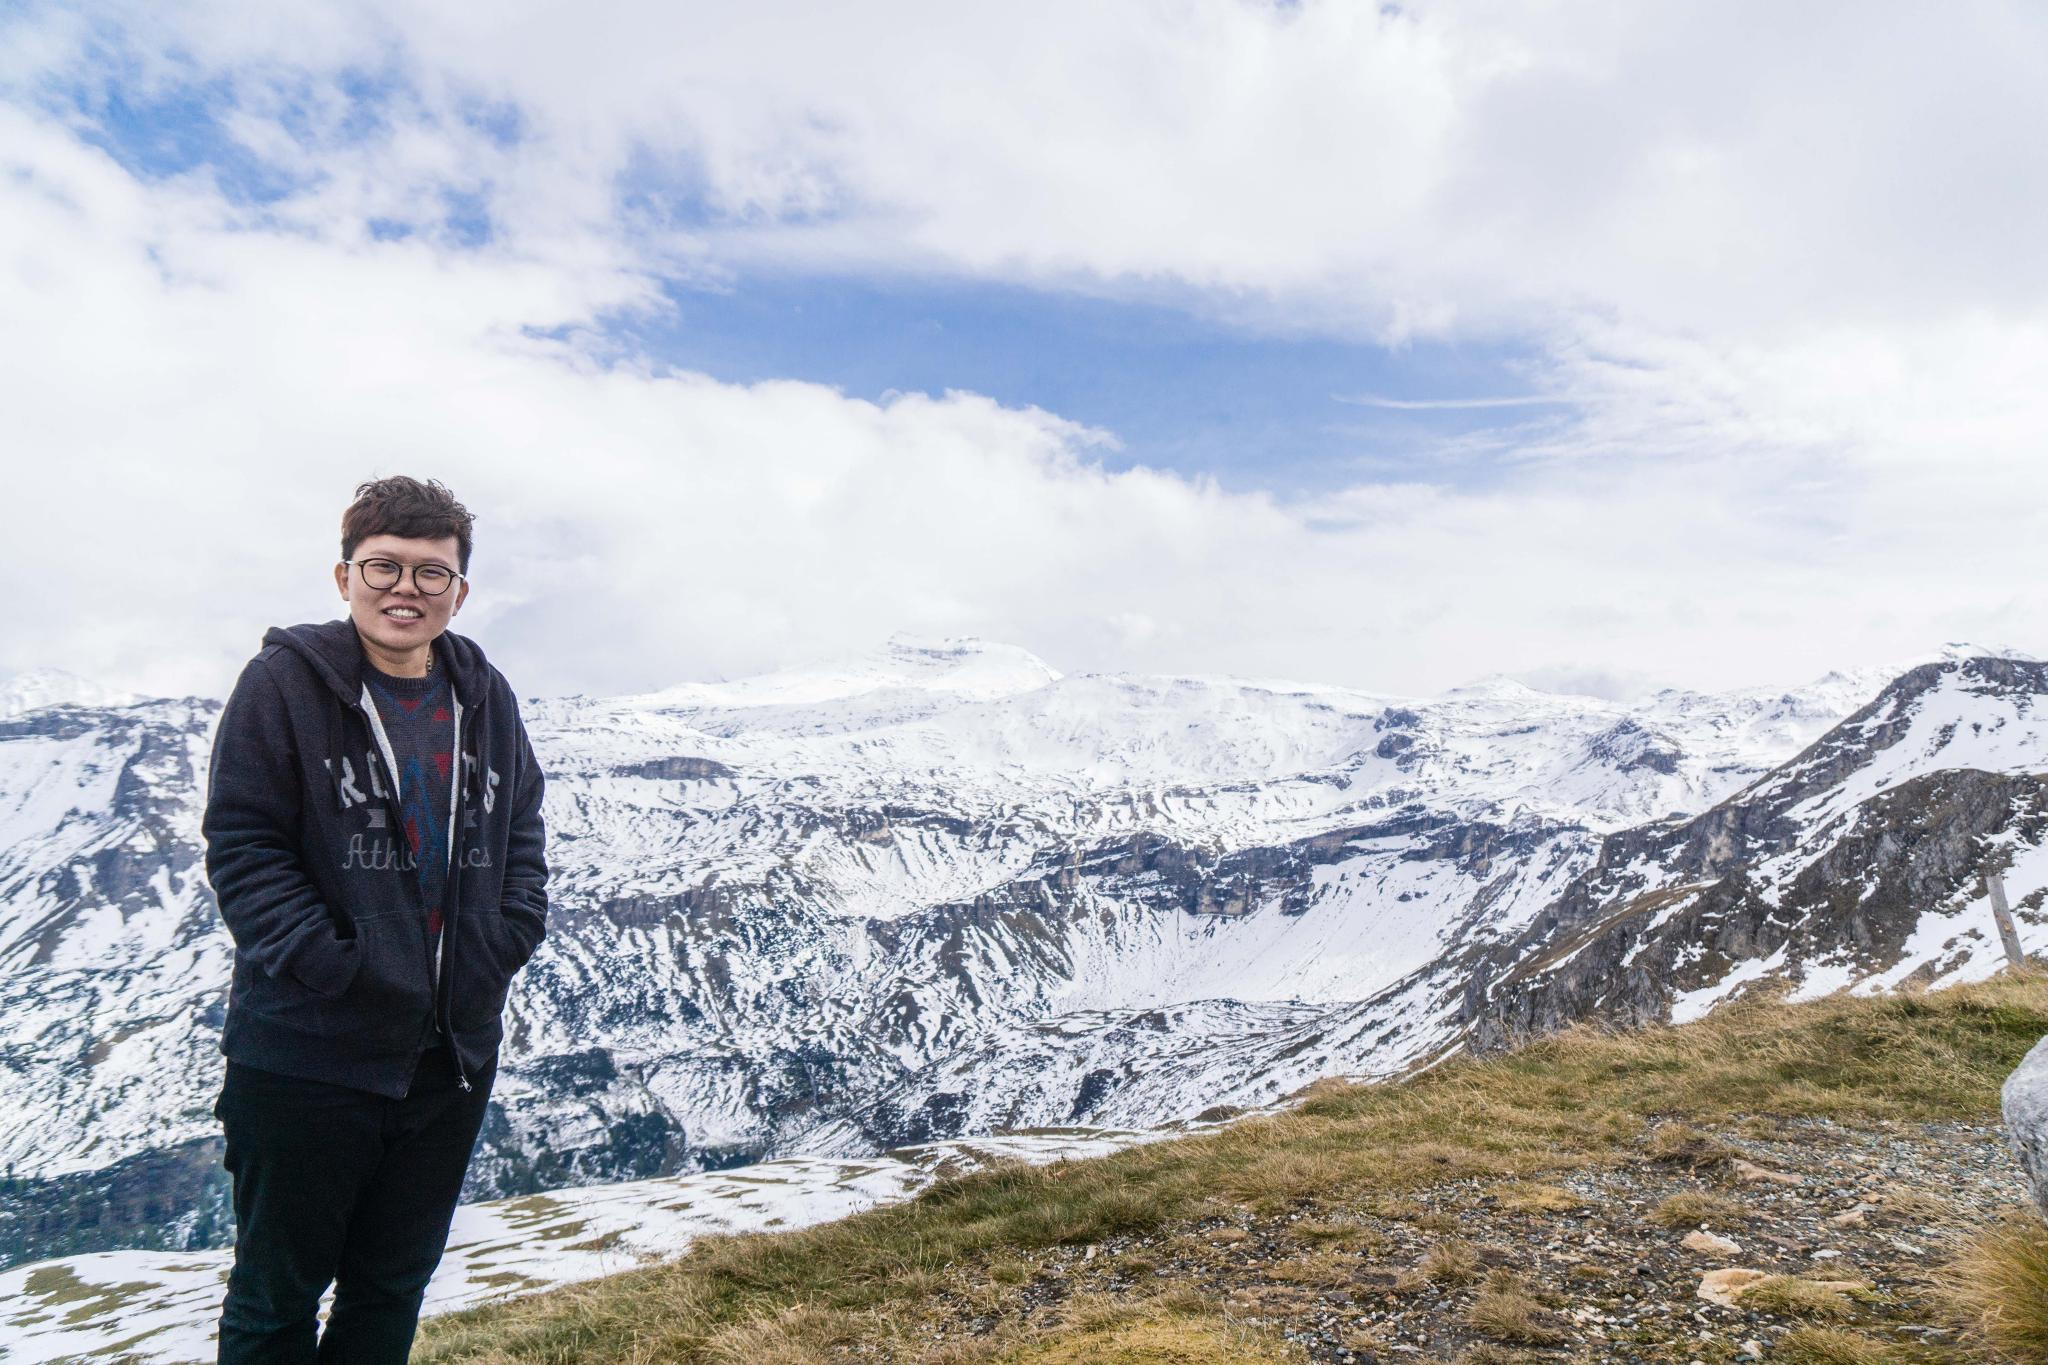 【奧地利】穿越阿爾卑斯之巔 — 奧地利大鐘山冰河公路 (Grossglockner High Alpine Road) 44